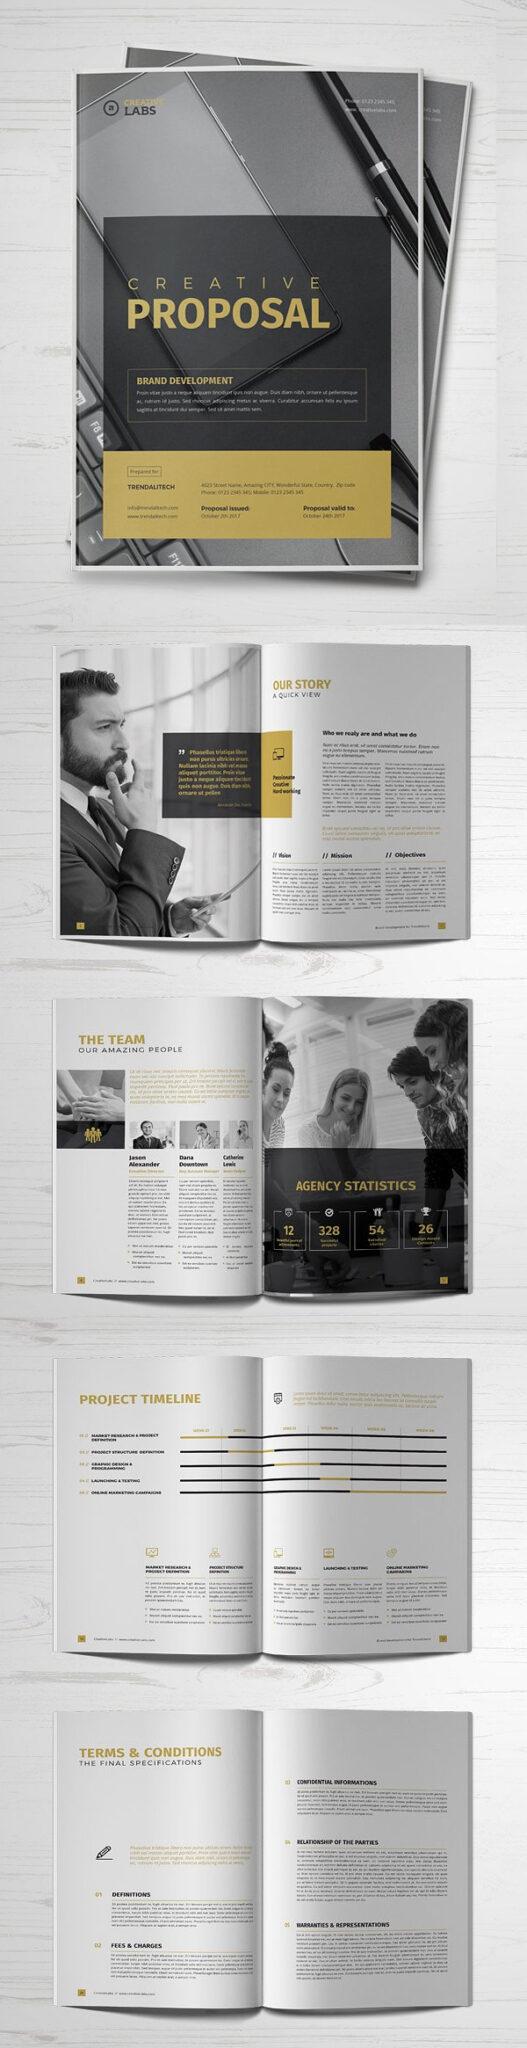 Diseño de mockups de propuesta de negocio profesional - 18